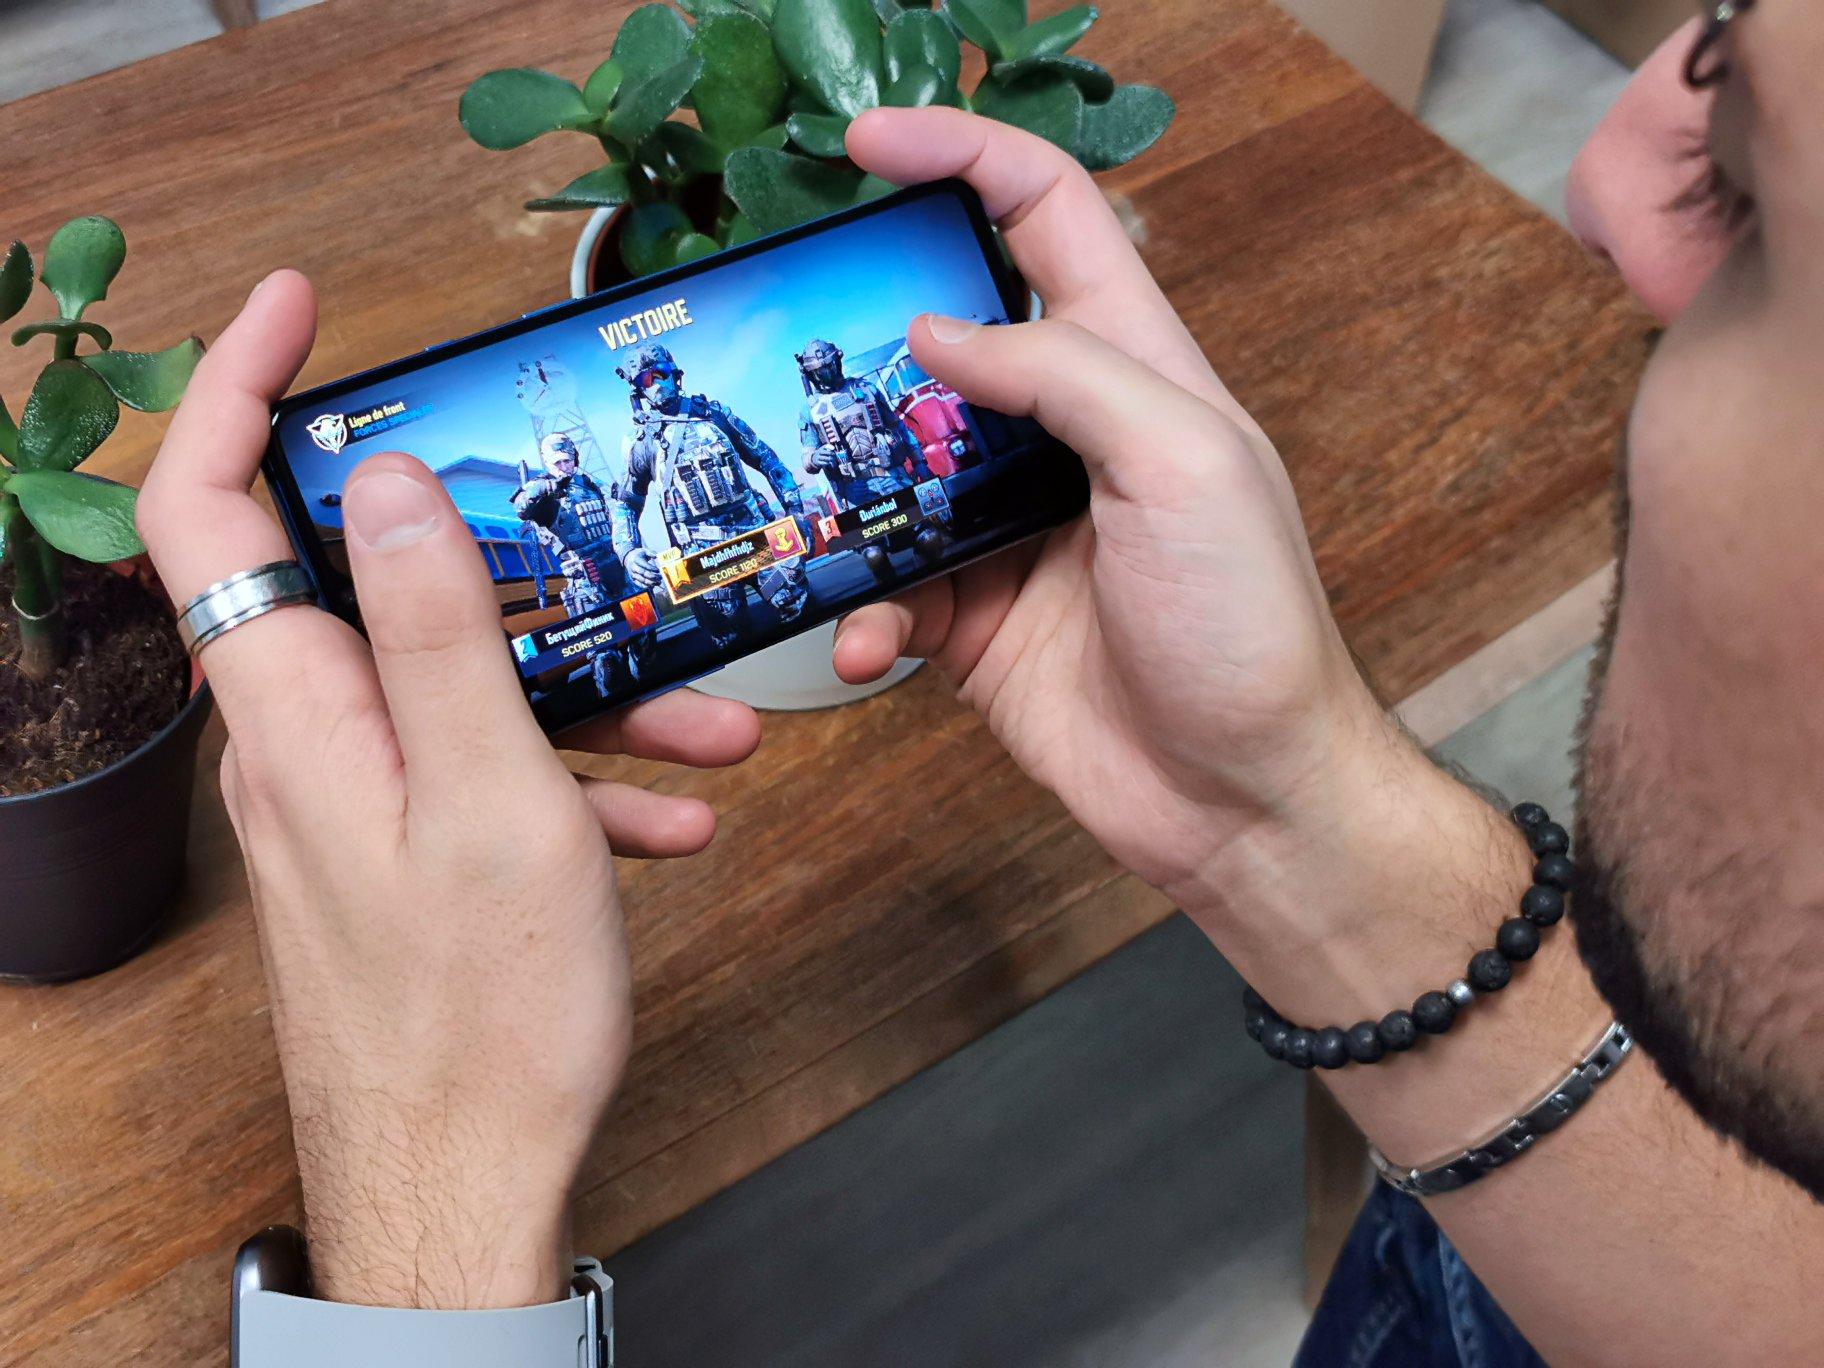 Les Meilleurs Fps Et Tps (Jeux De Tir) Sur Android Et Iphone avec Jeux 2 Ans En Ligne Gratuit